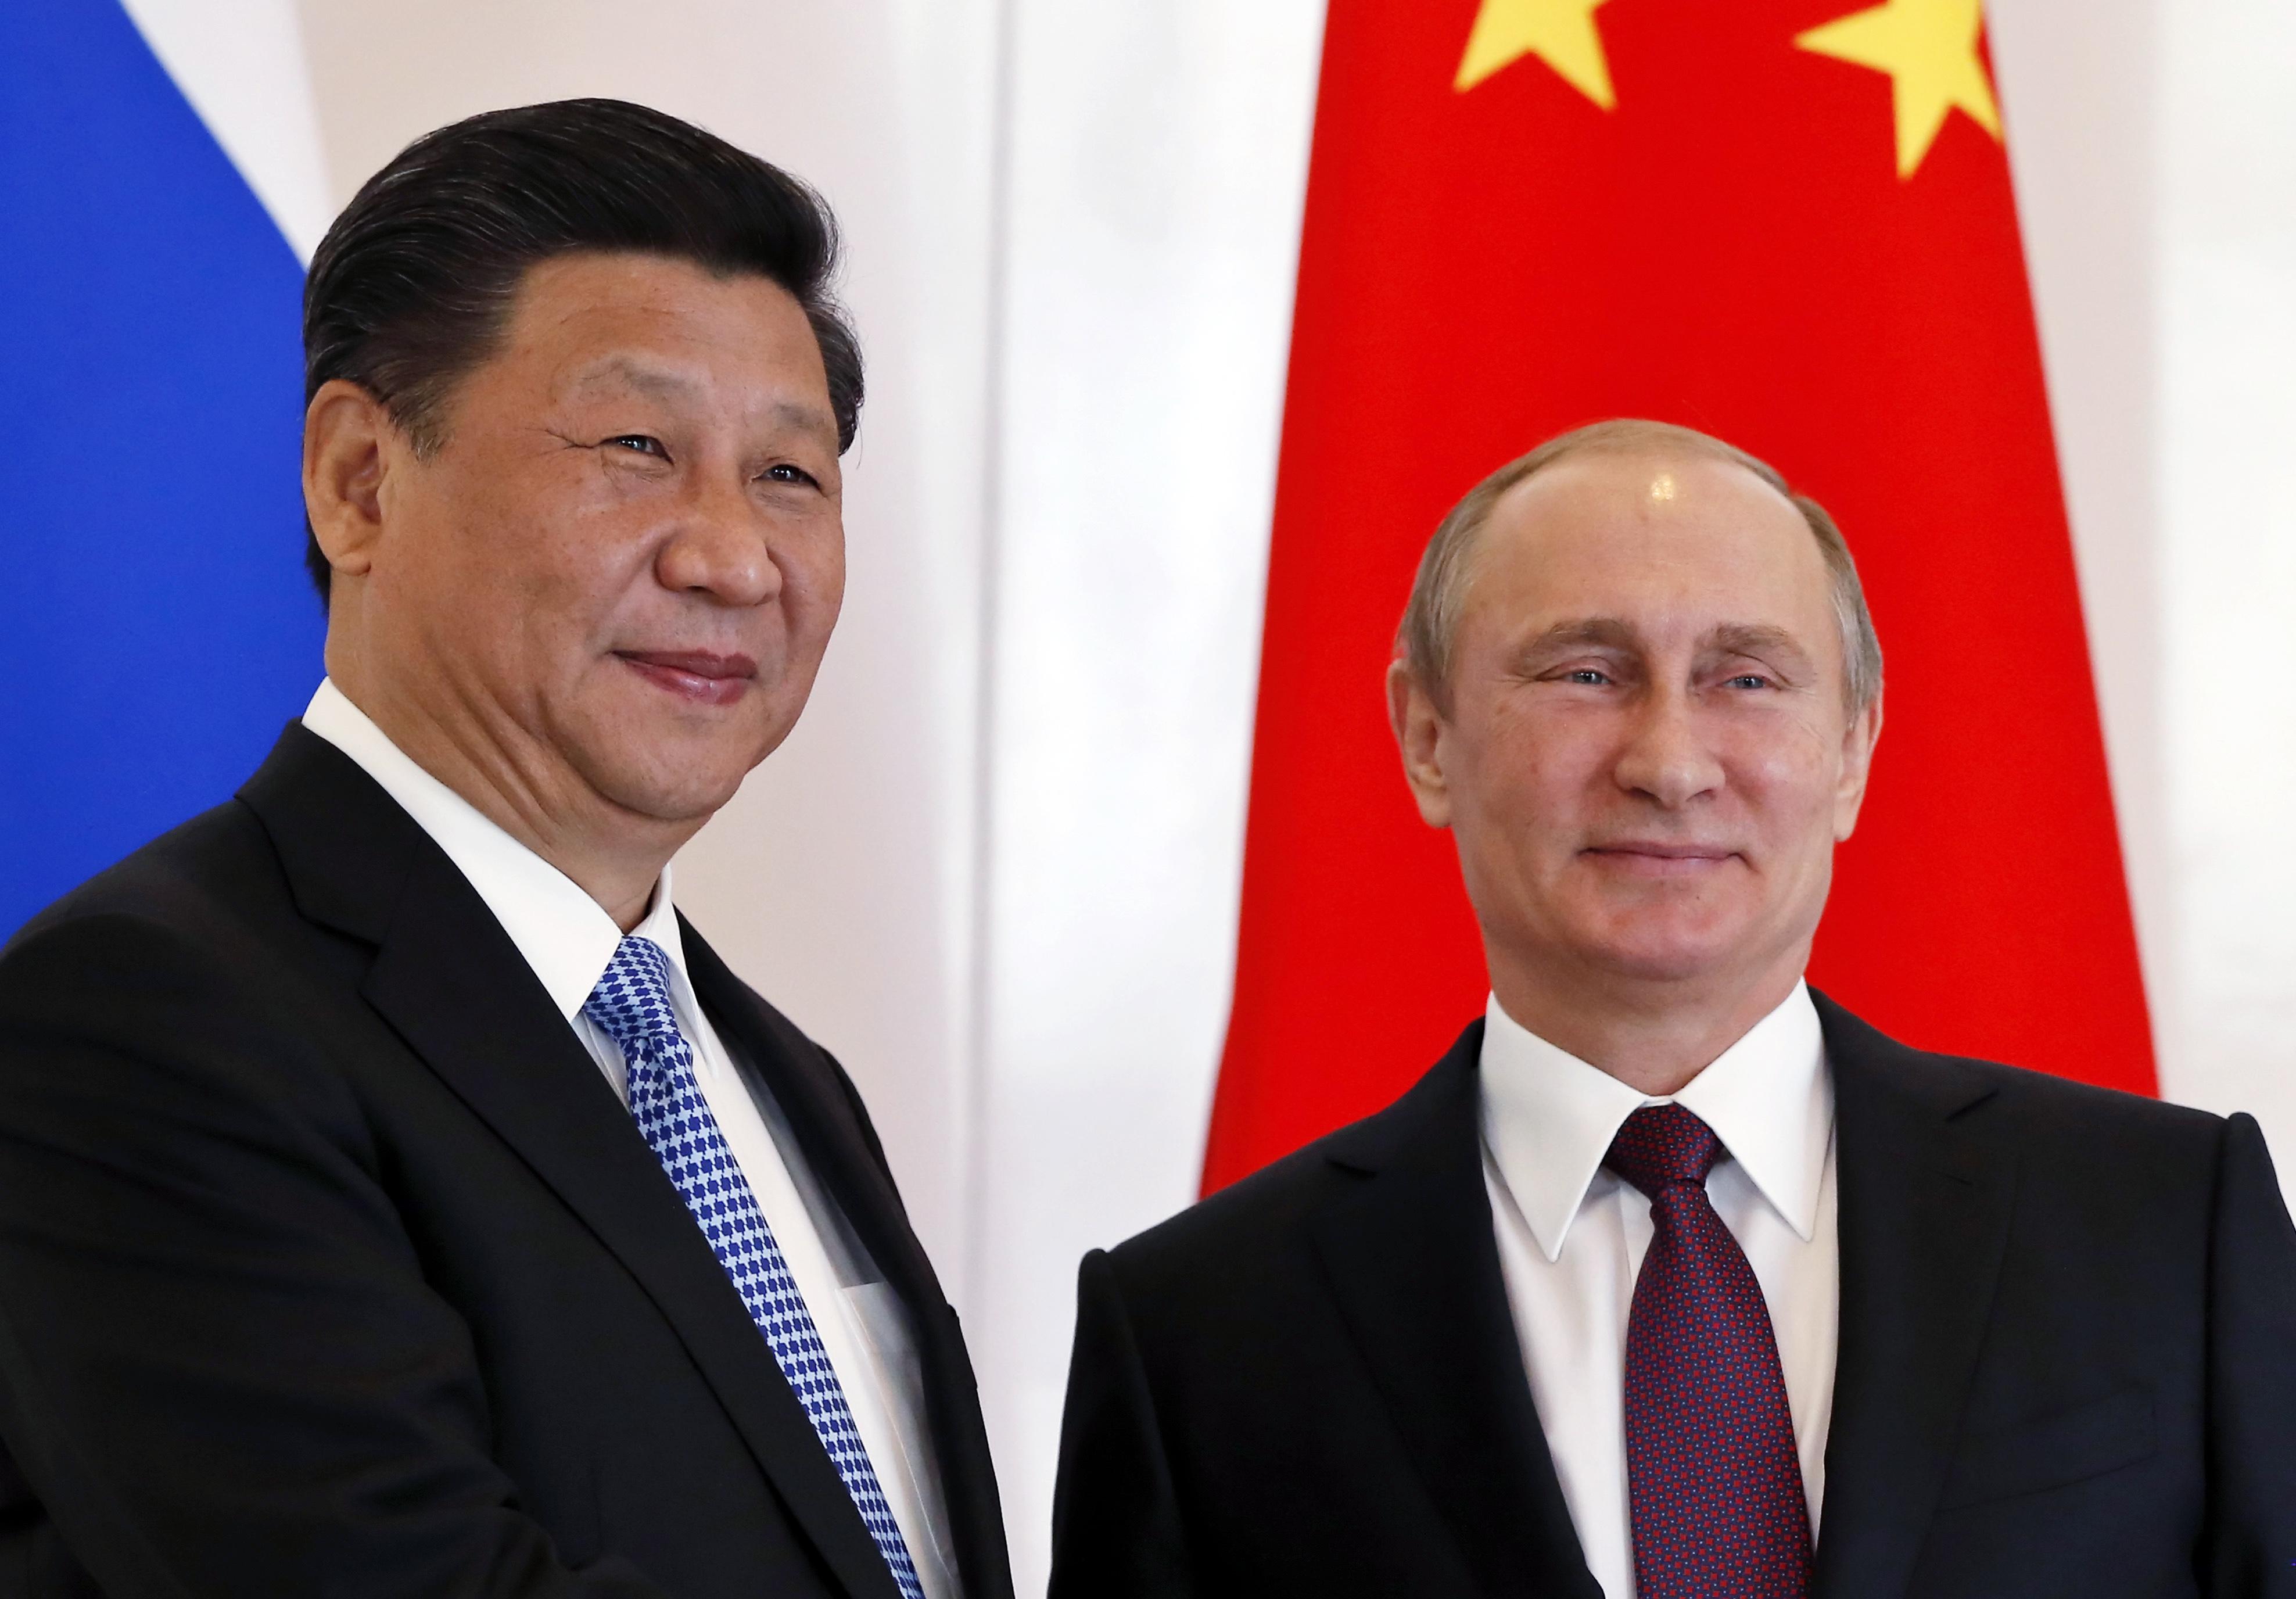 Rusya ve Çin ekonomik işbirliğini güçlendirecek